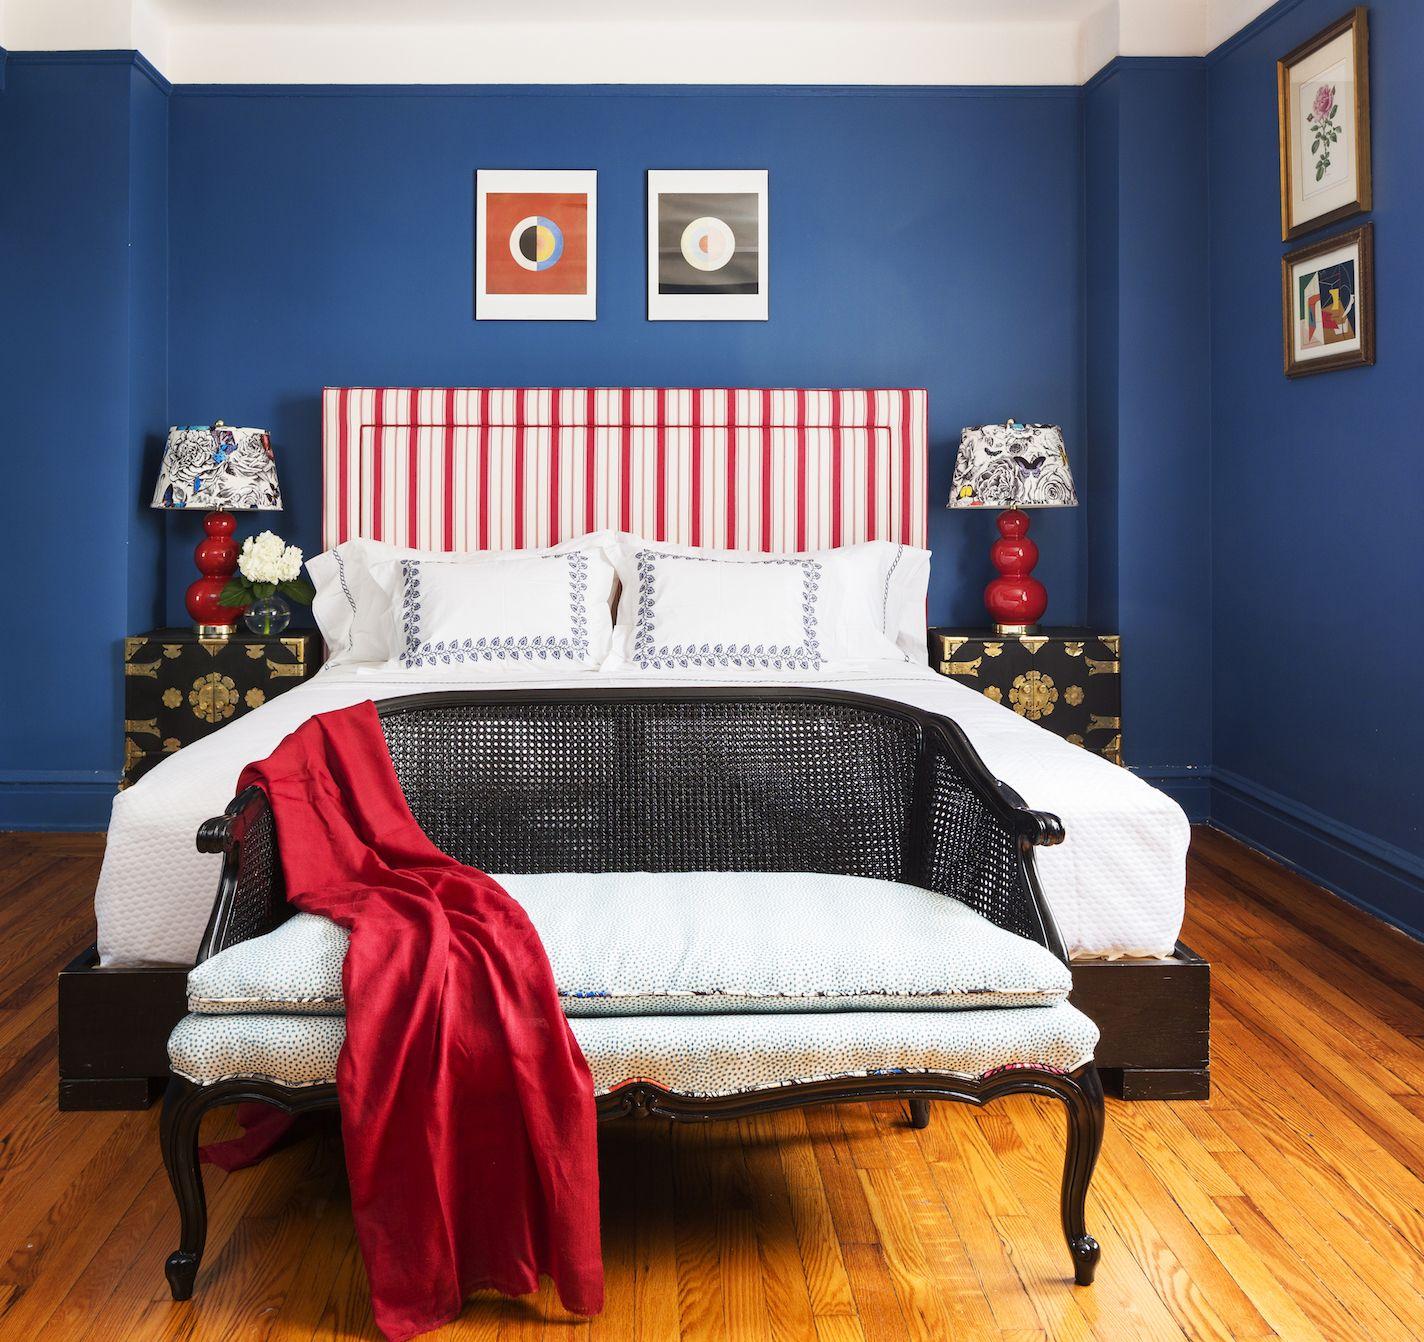 Best Blue Bedrooms - Blue Room Ideas Master Bathroom Design Dark Walls Gallery Html on